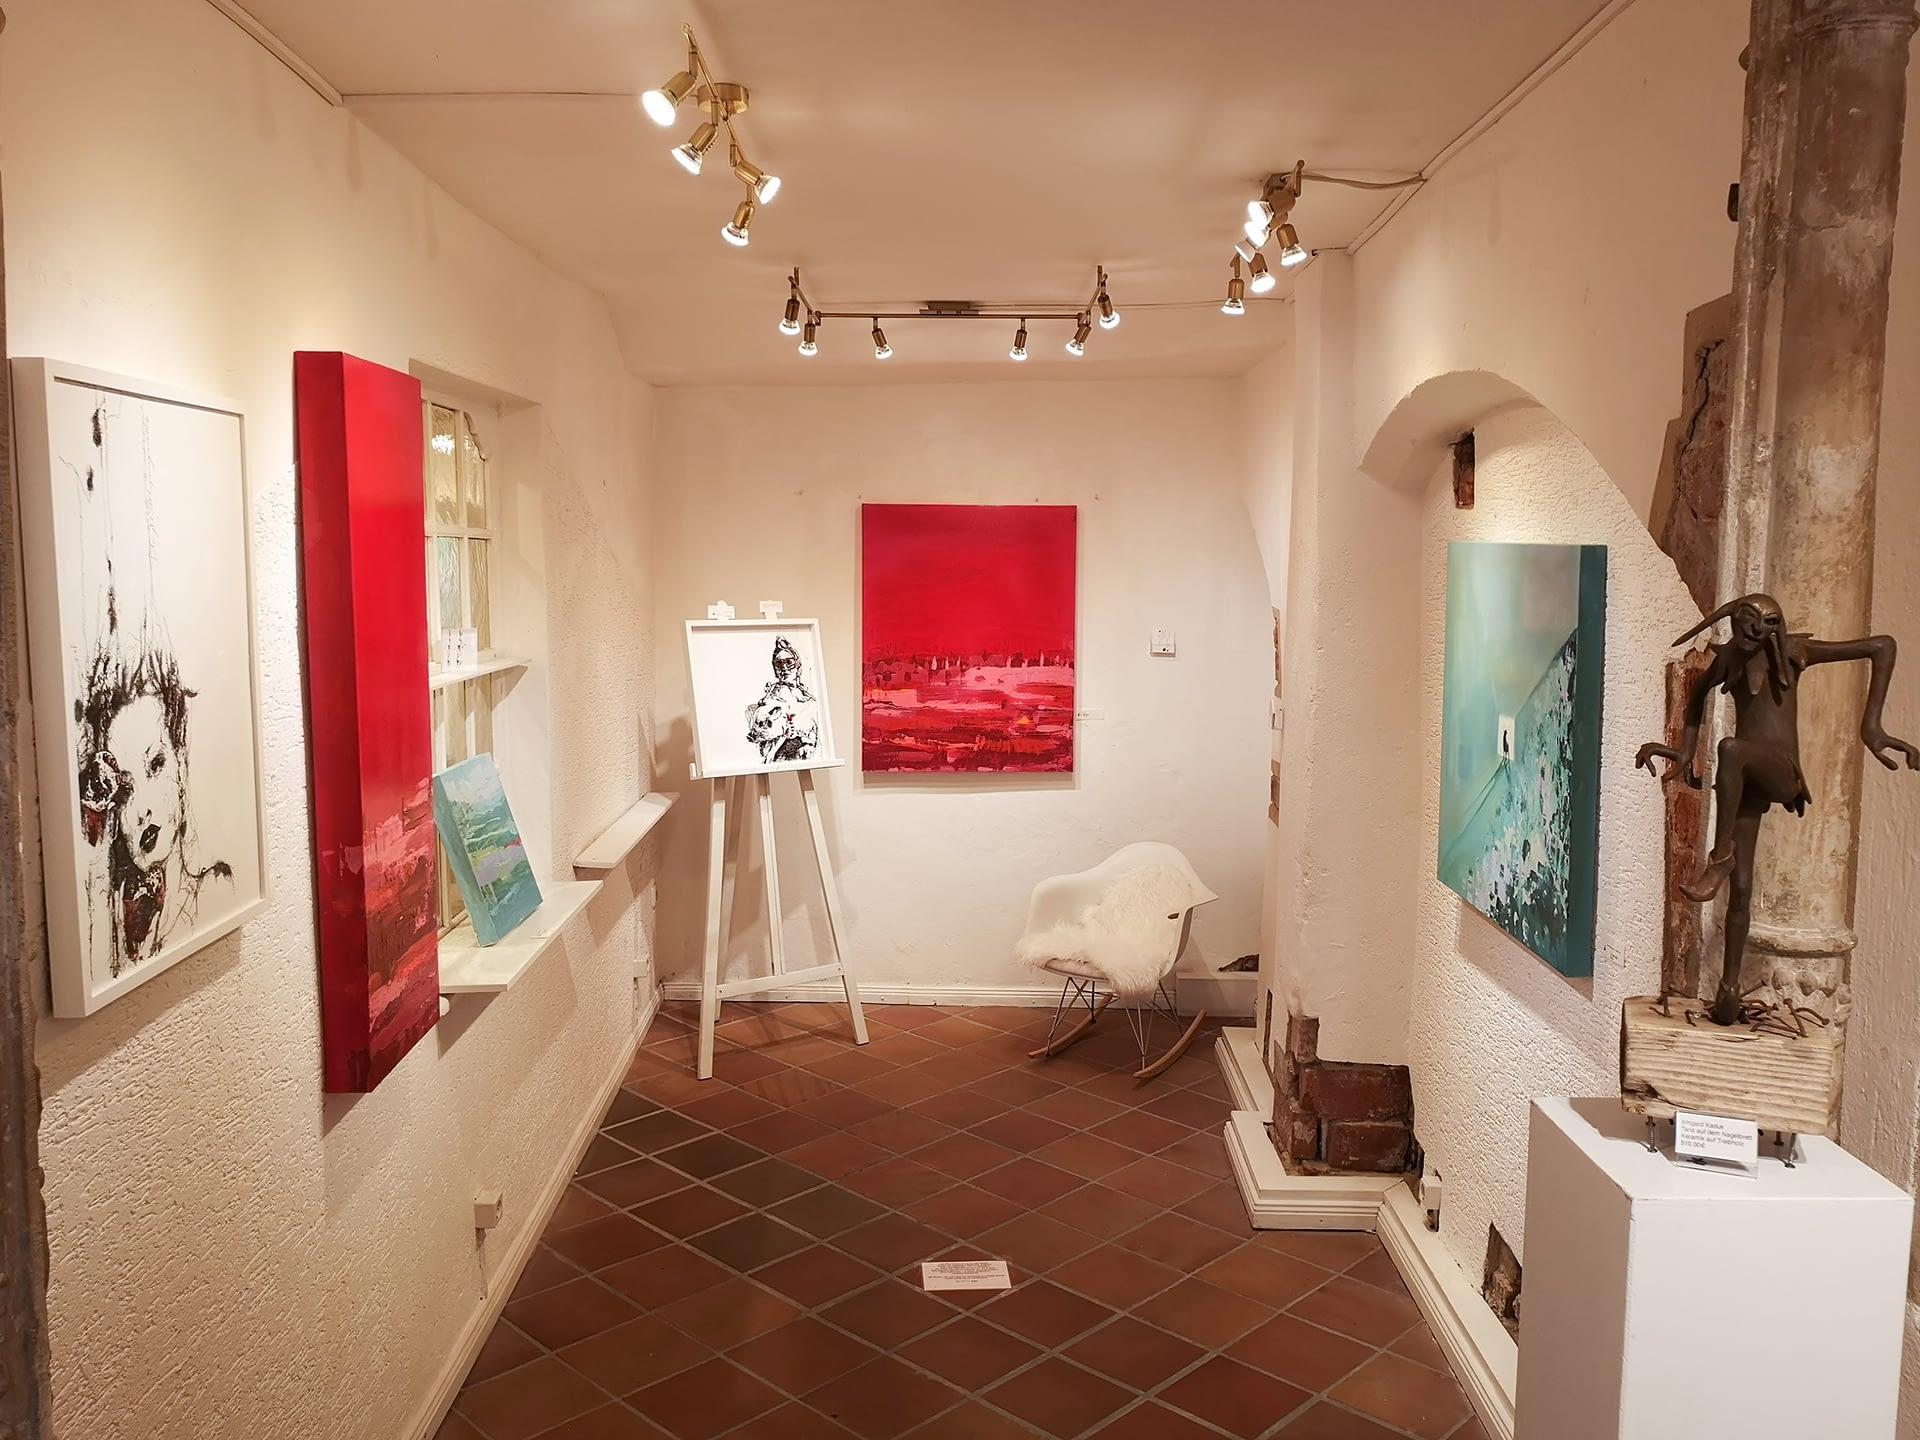 Kunstausstellung Les lignes du chaos: Impression des entrée séparée